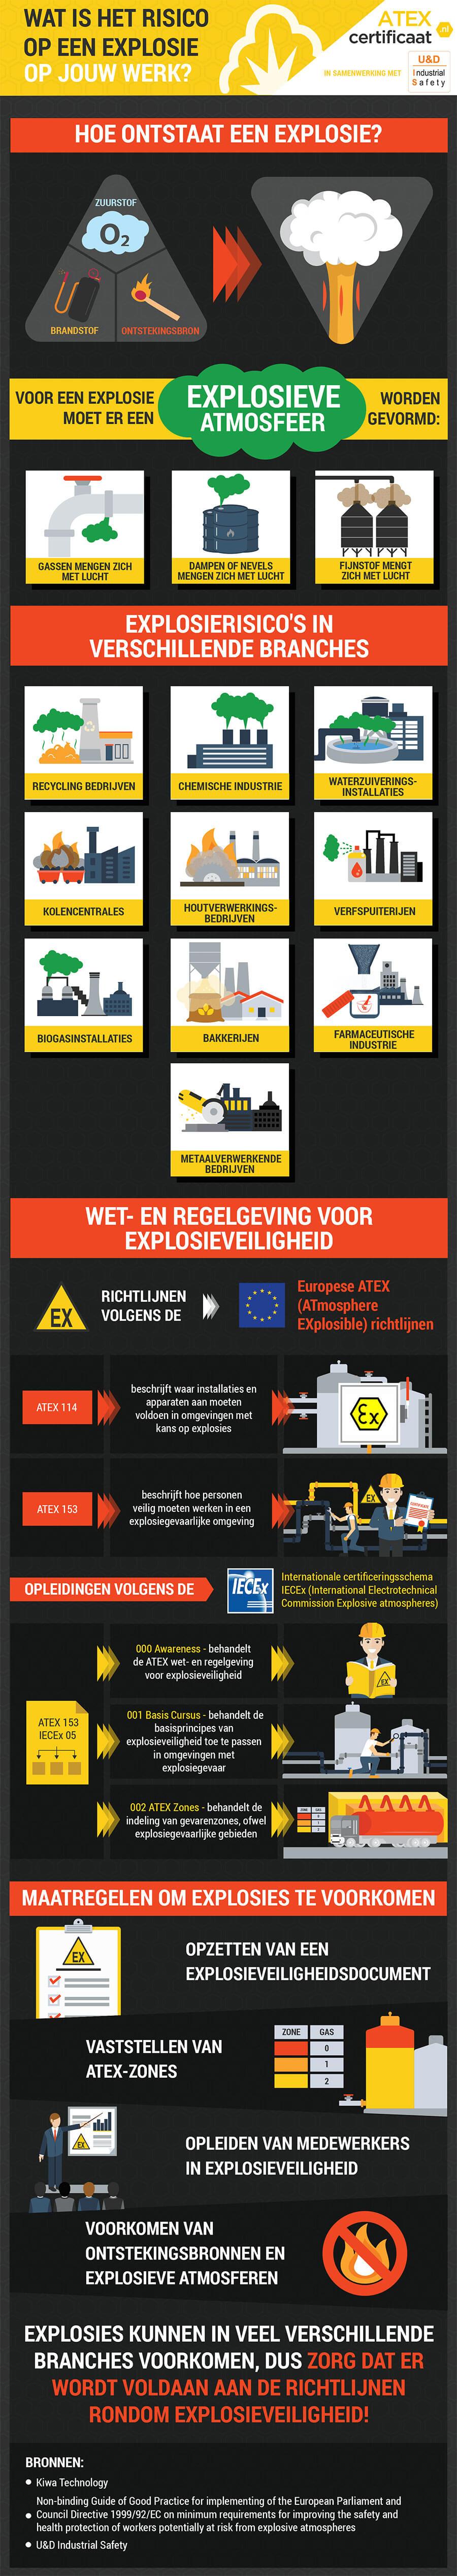 Infographic - ATEX richtlijnen en explosie risico op de werkvloer